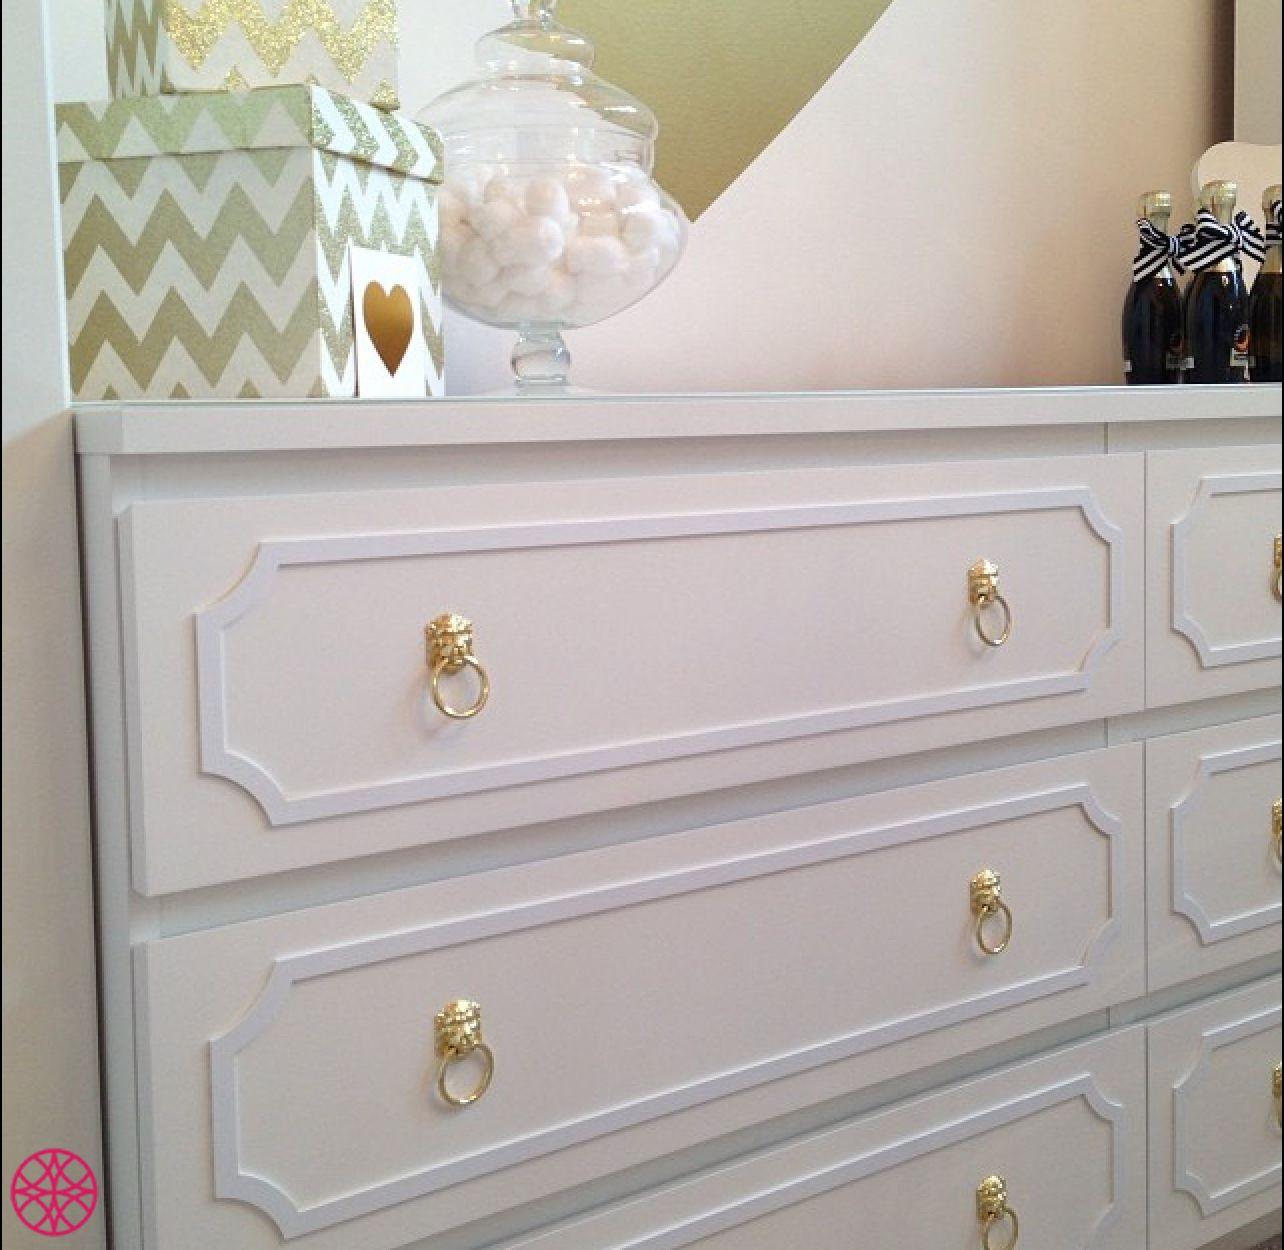 Anne 1″ reveal Kit for Ikea Malm 6 drawer long dresser